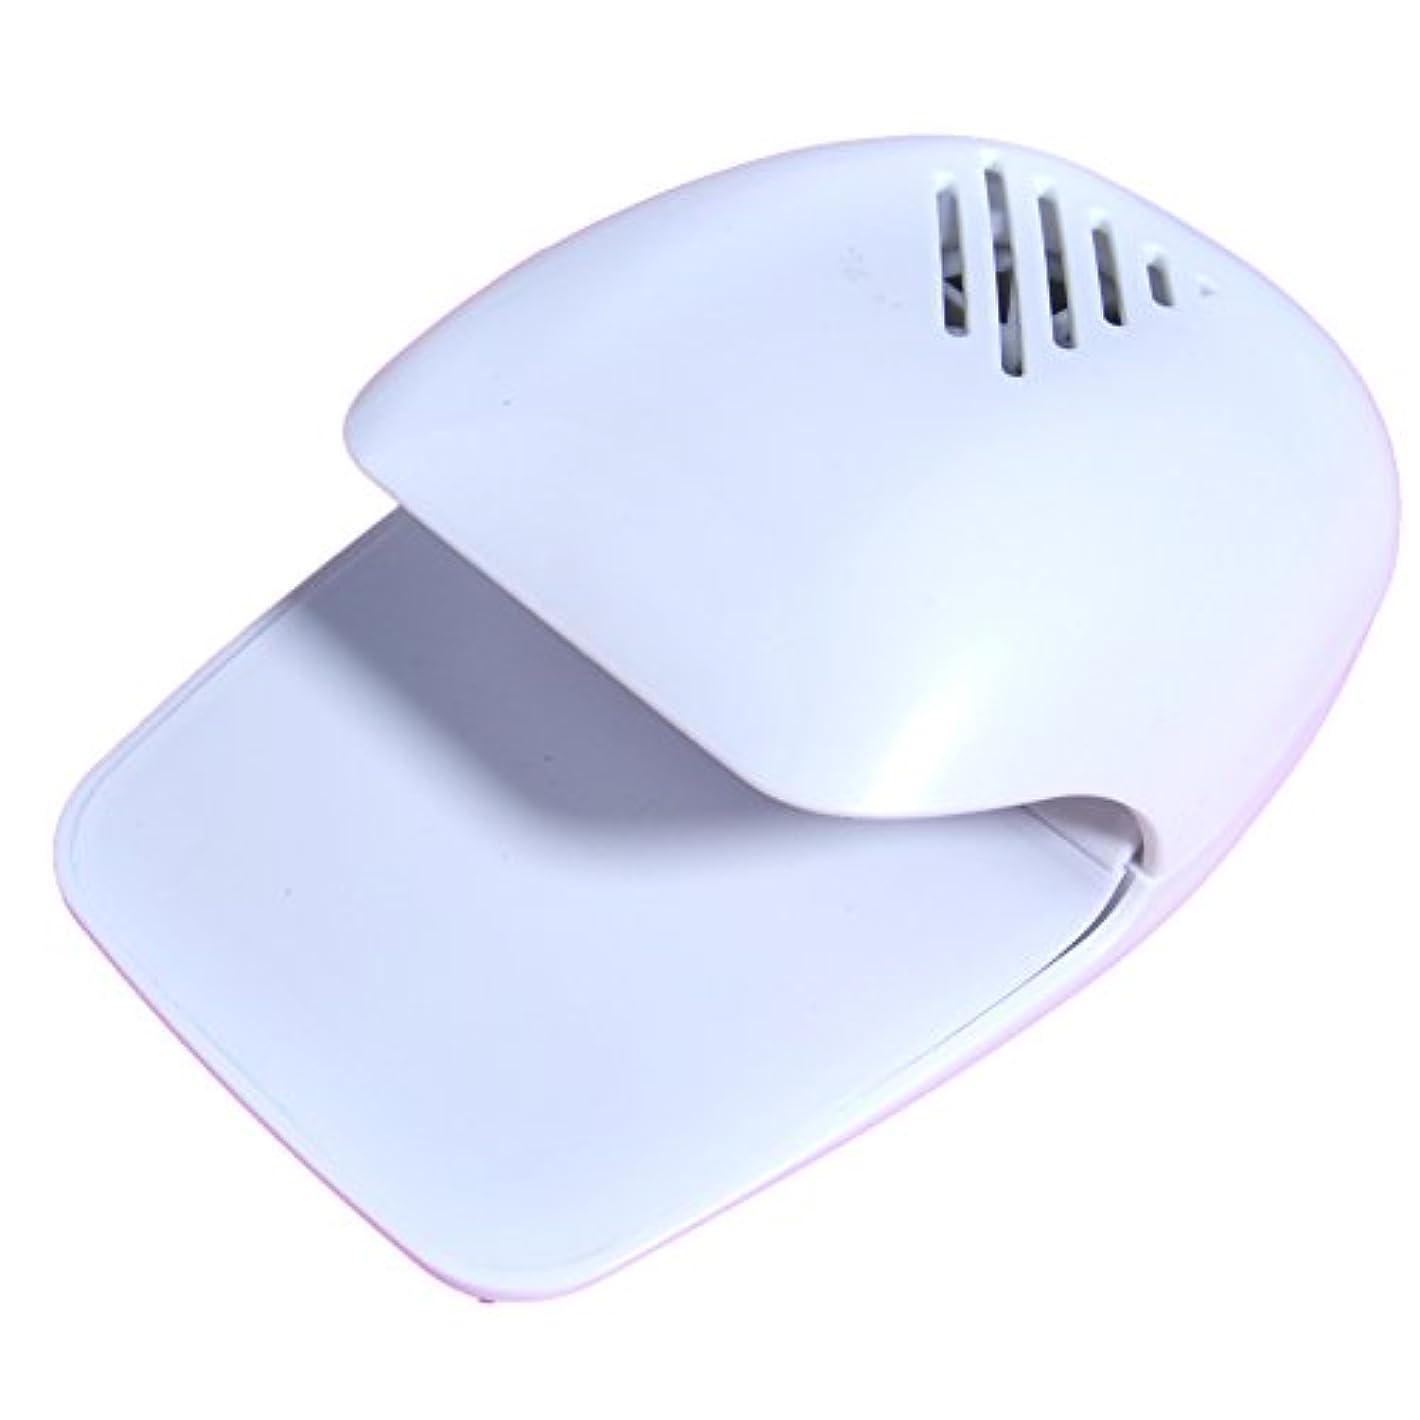 スペースボクシング瞑想的ユニークモール(UniqueMall)風で優しくネイルを乾かす ネイル乾燥機 シャイニーネイルドライヤー マニキュア用 乾燥爪